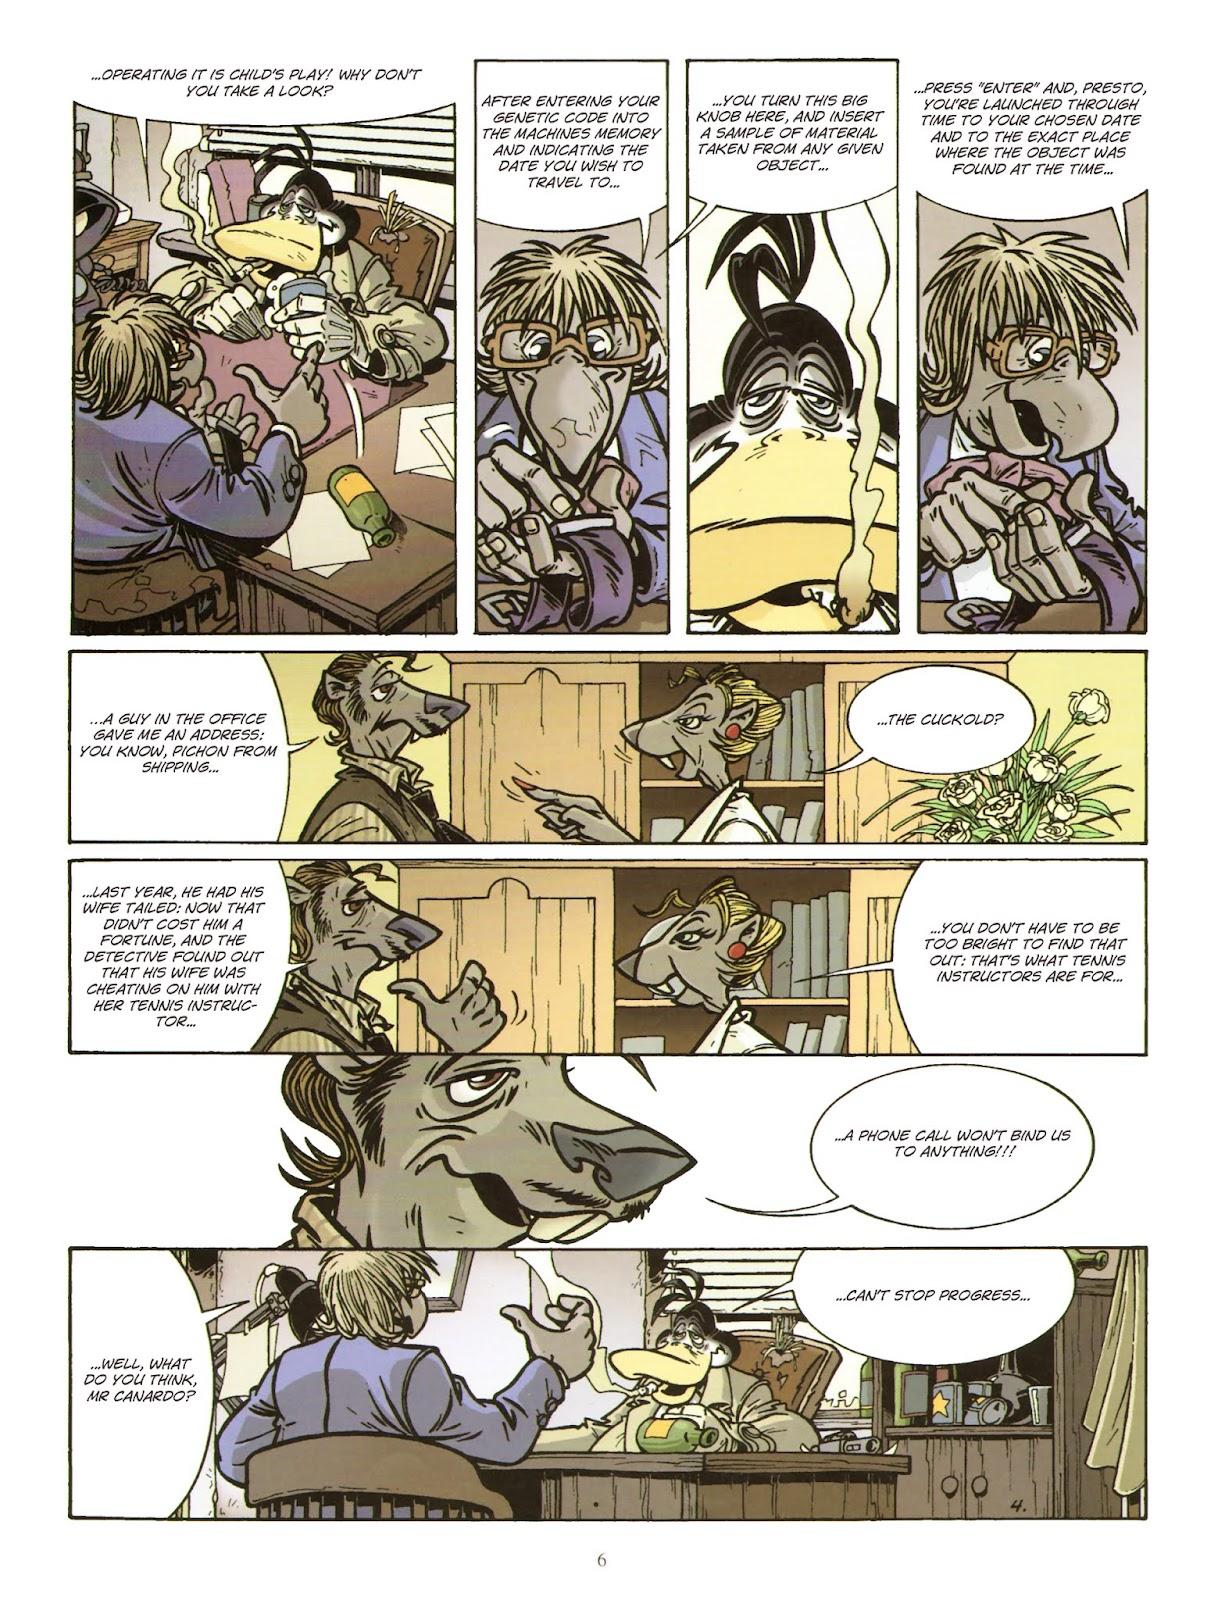 Une enquête de l'inspecteur Canardo issue 11 - Page 7